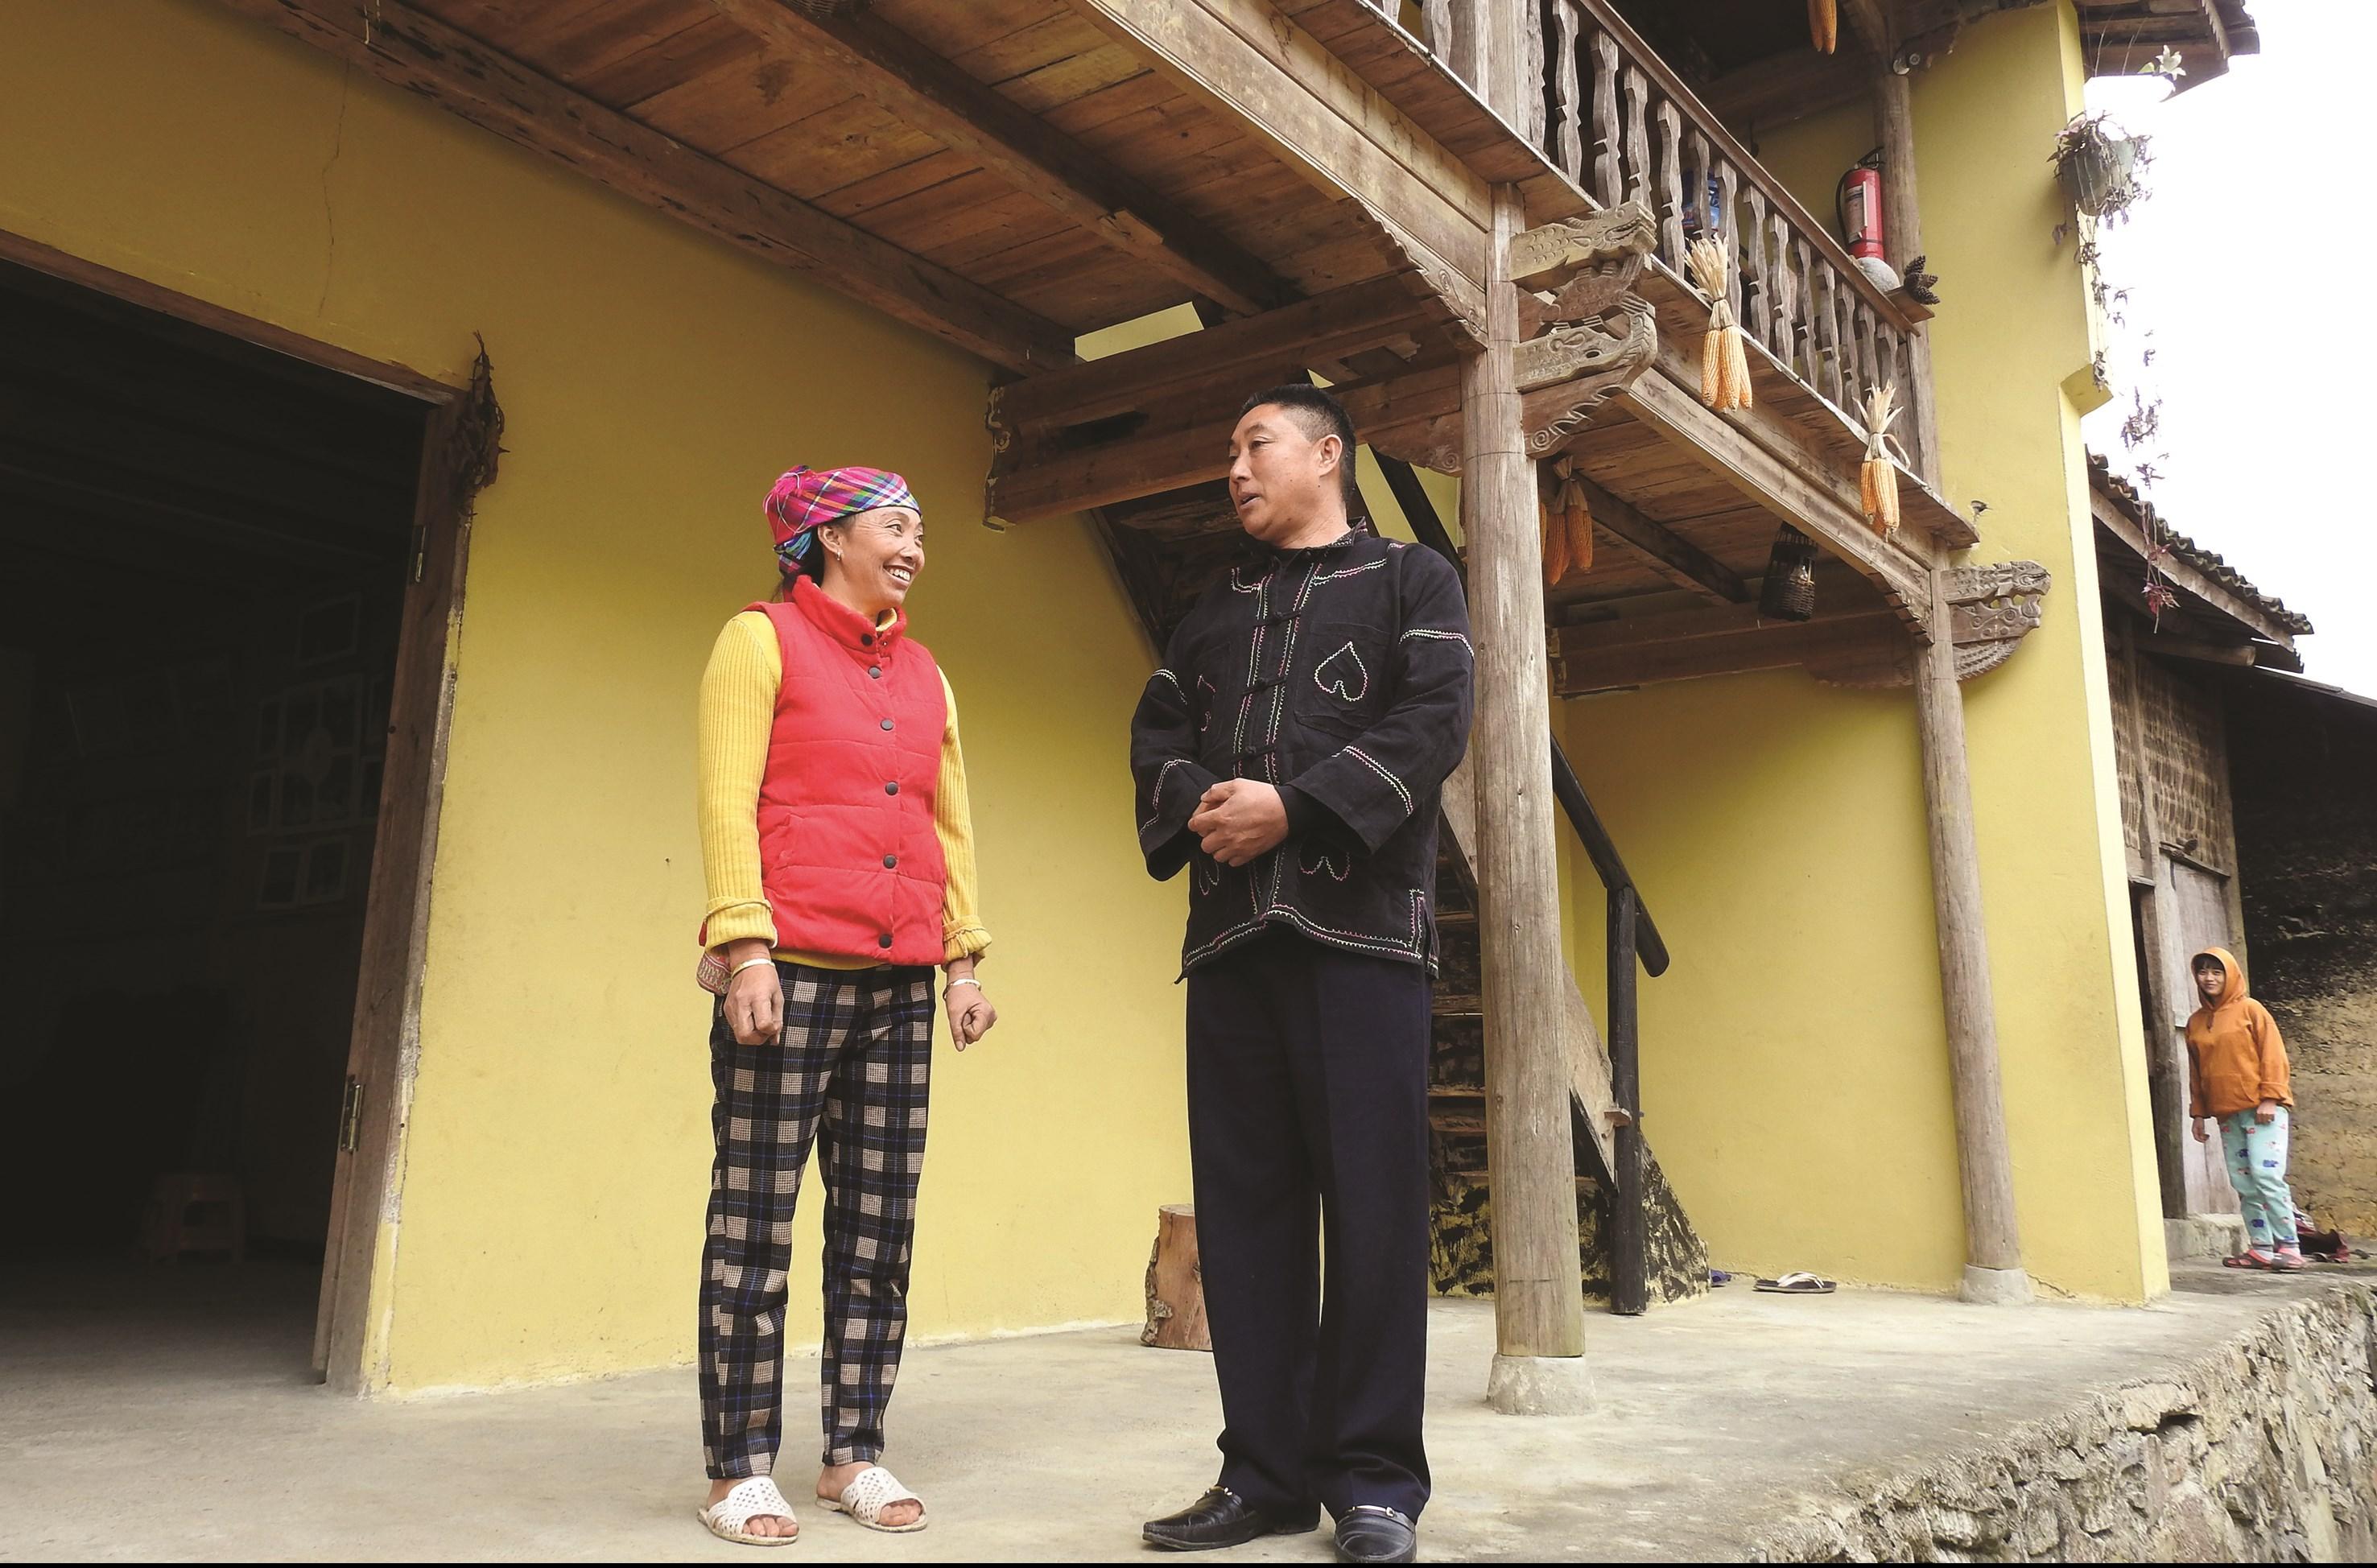 Trưởng thôn Sình Dỉ Gai tư vấn cách làm du lịch cho người dân trong thôn